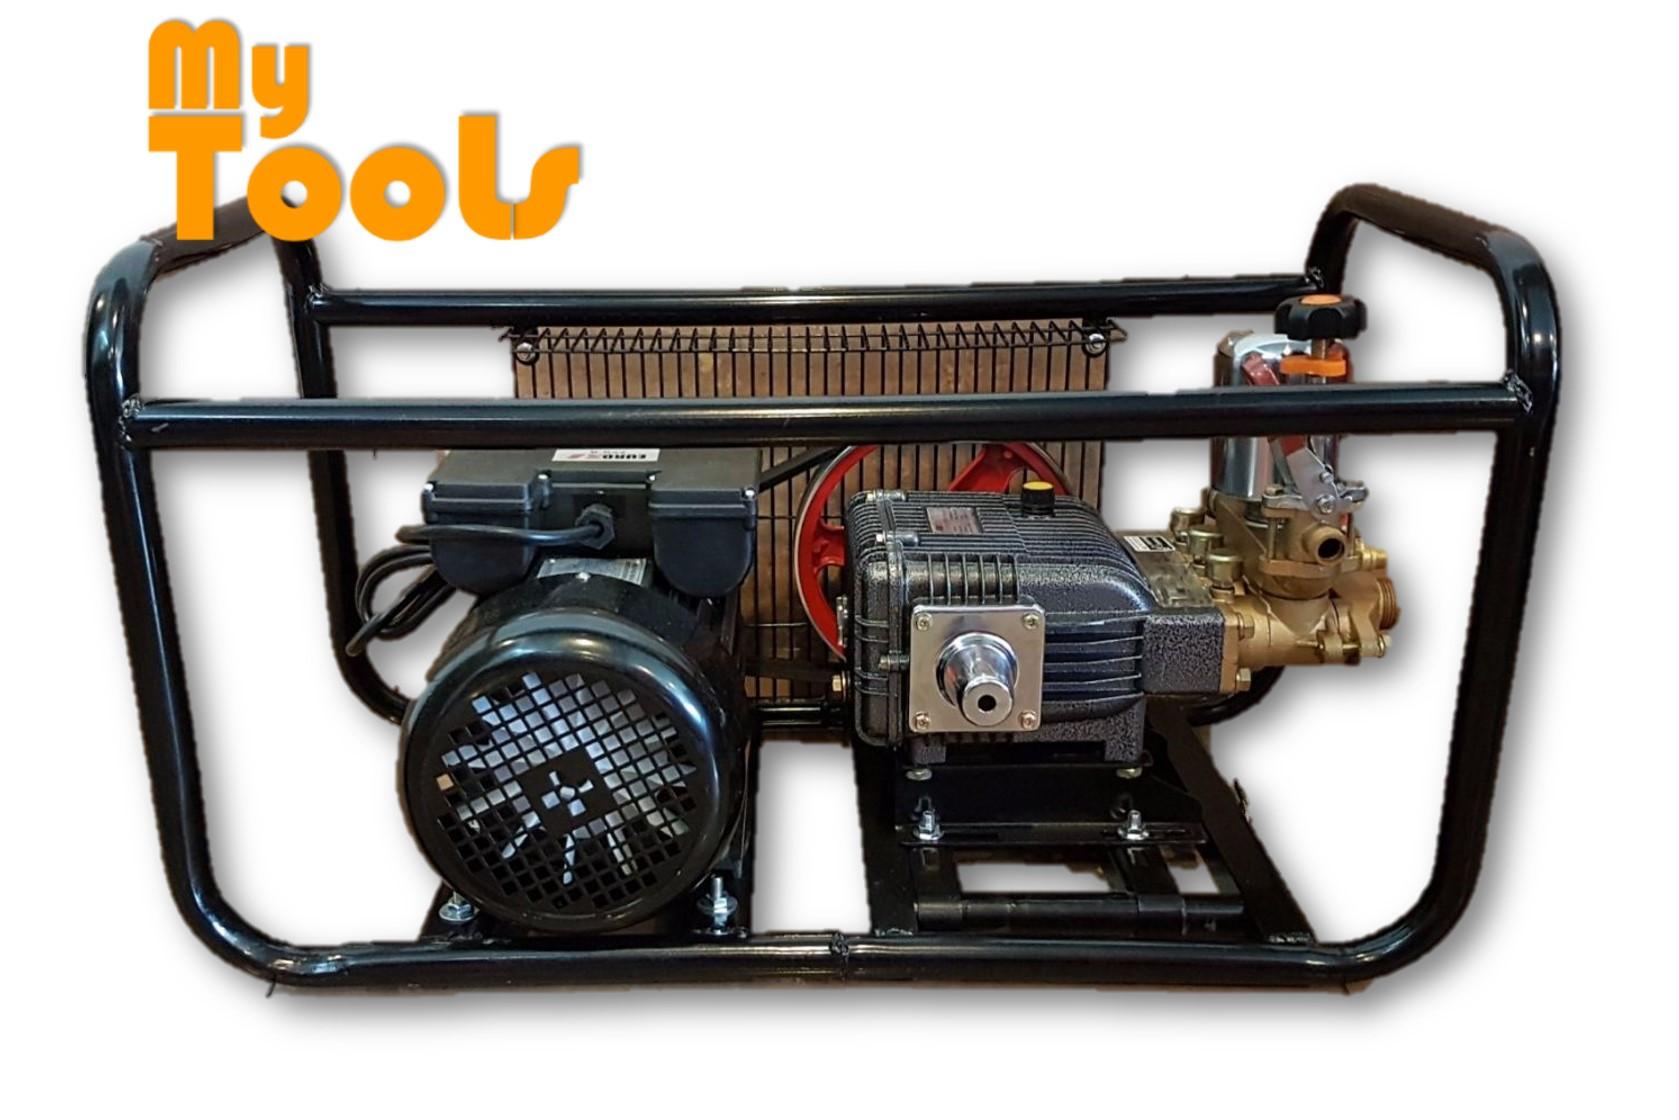 Eurox PPQ4504 Plunger Sprayer High Pressure Washer Cleaner Pump